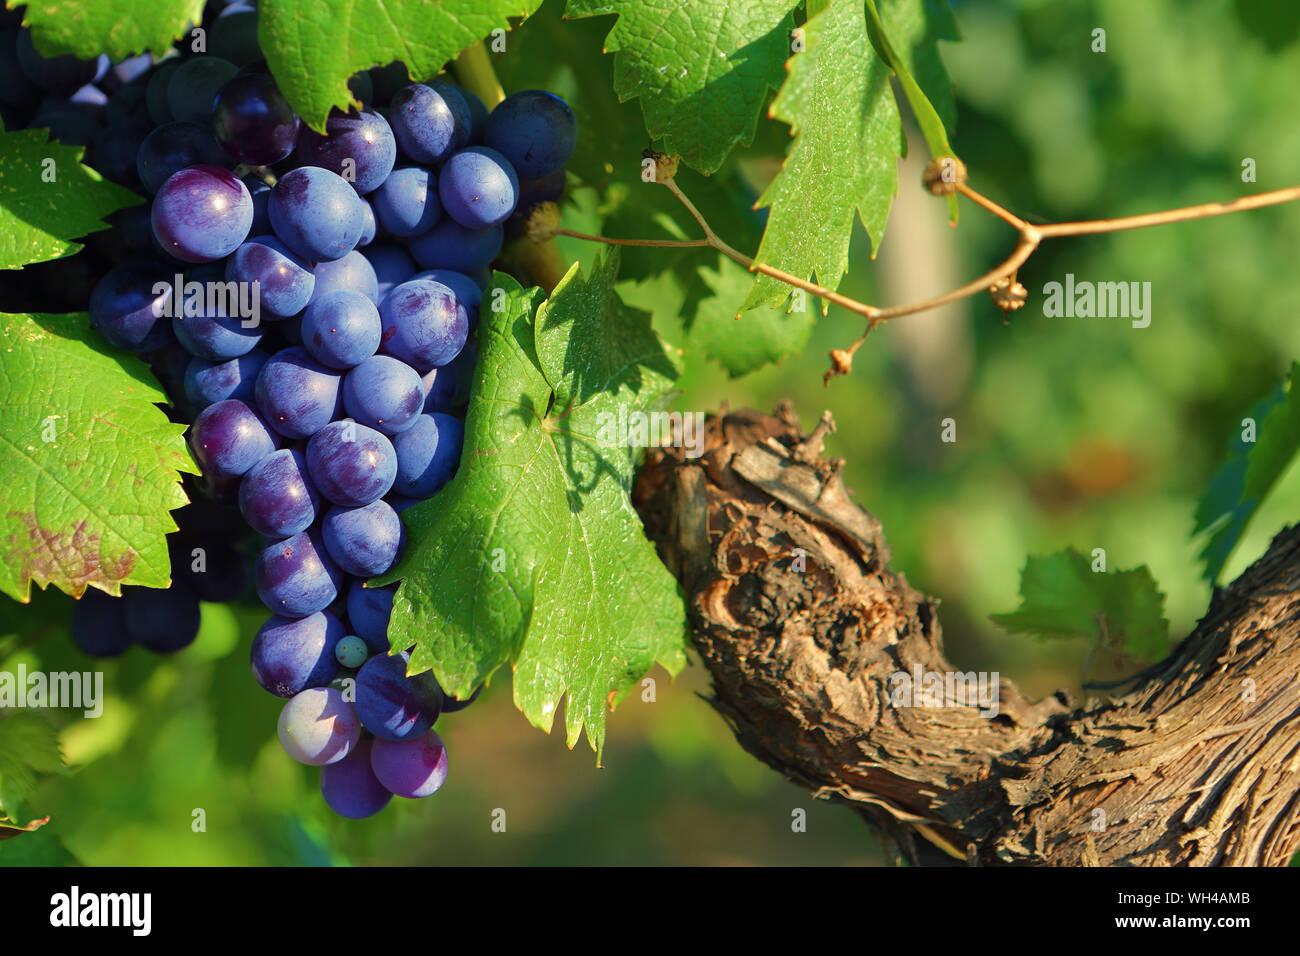 Vigne et grappe de raisin du vignoble français Foto de stock